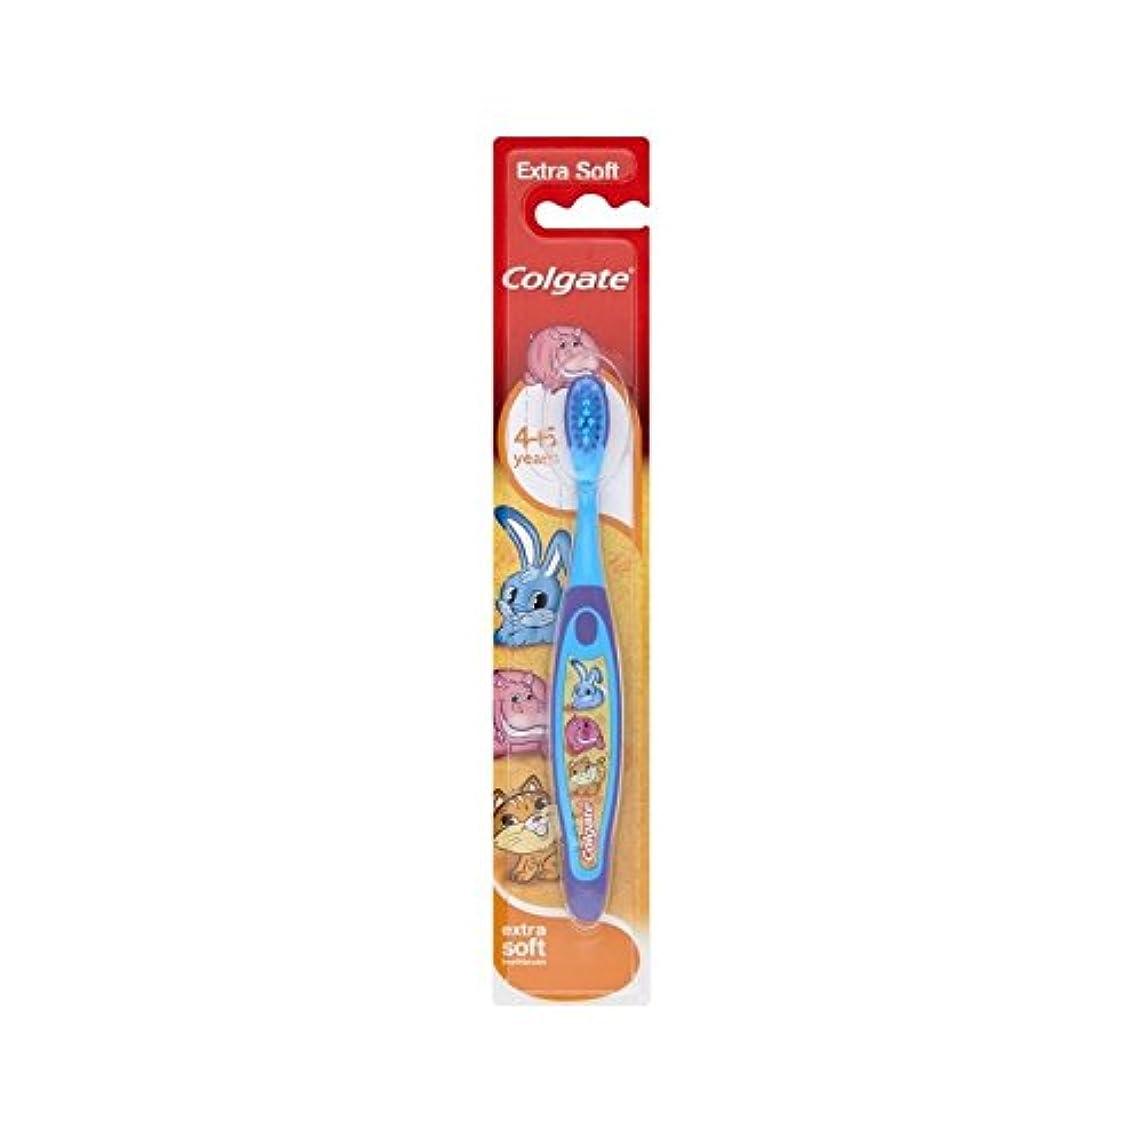 トムオードリースアボート保存する4-6歳の歯ブラシを笑顔 (Colgate) (x 2) - Colgate Smiles 4-6 Years Old Toothbrush (Pack of 2) [並行輸入品]